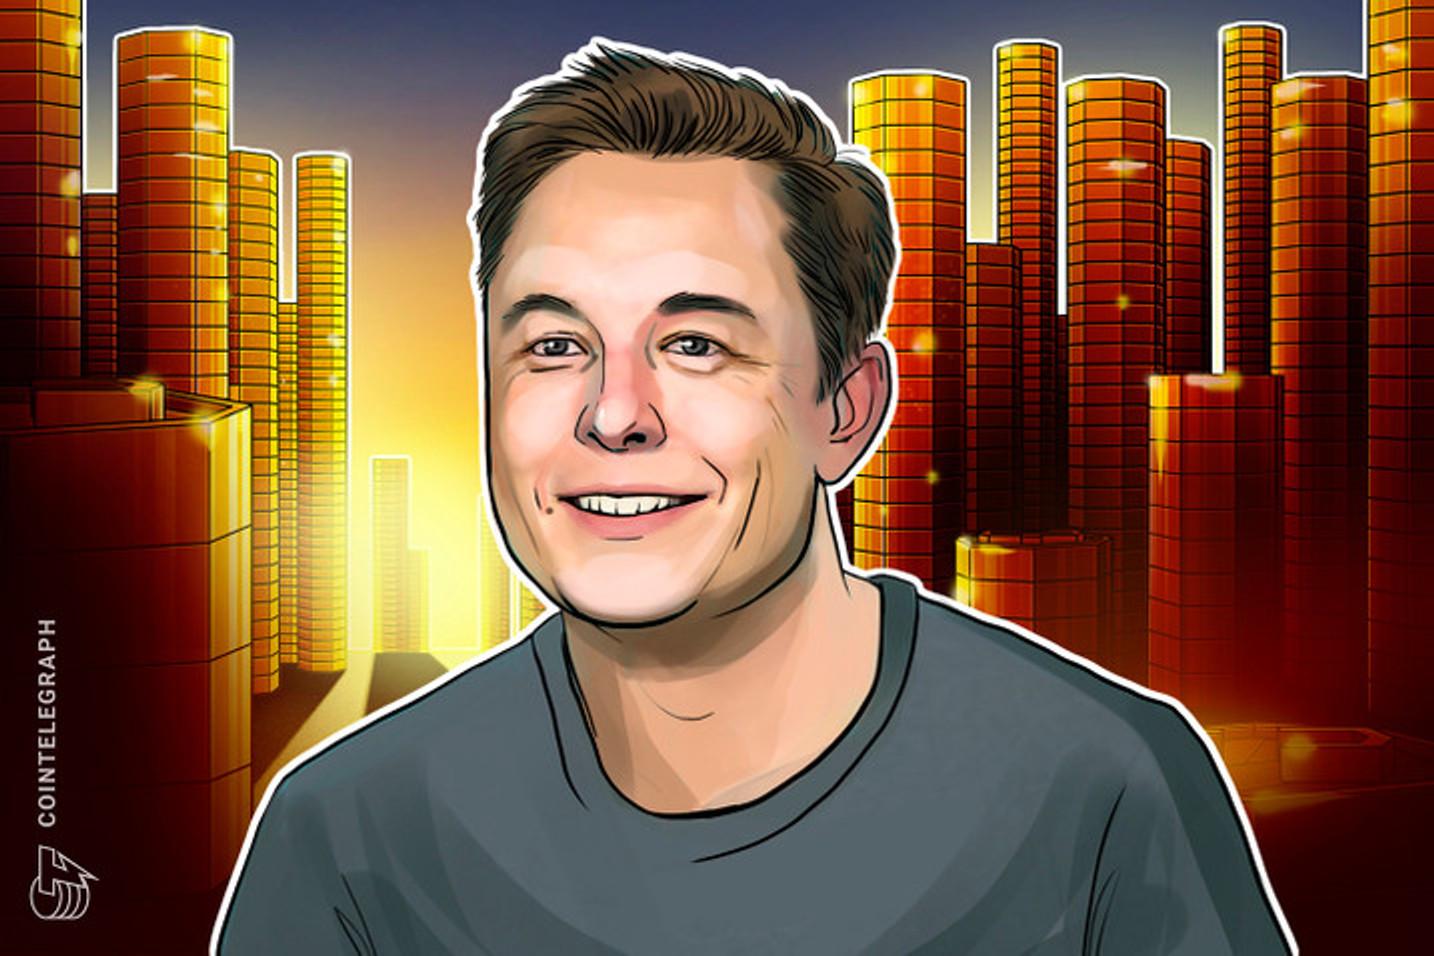 Depois de 'abençoar' o Bitcoin, Elon Musk anuncia que vai começar a implantar chips em cérebros humanos ainda em 2021